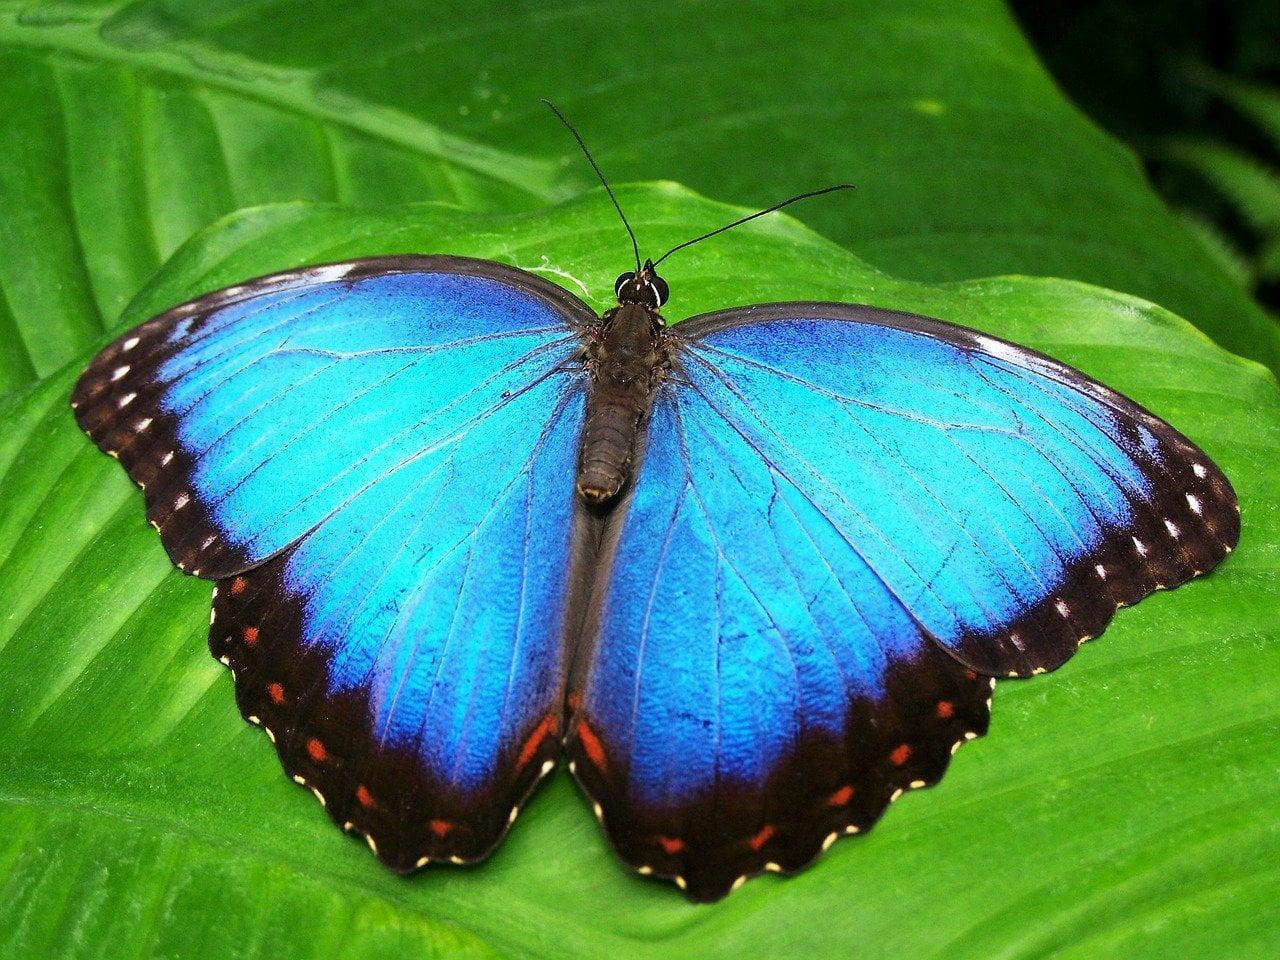 Zdjęcie motyla morpho